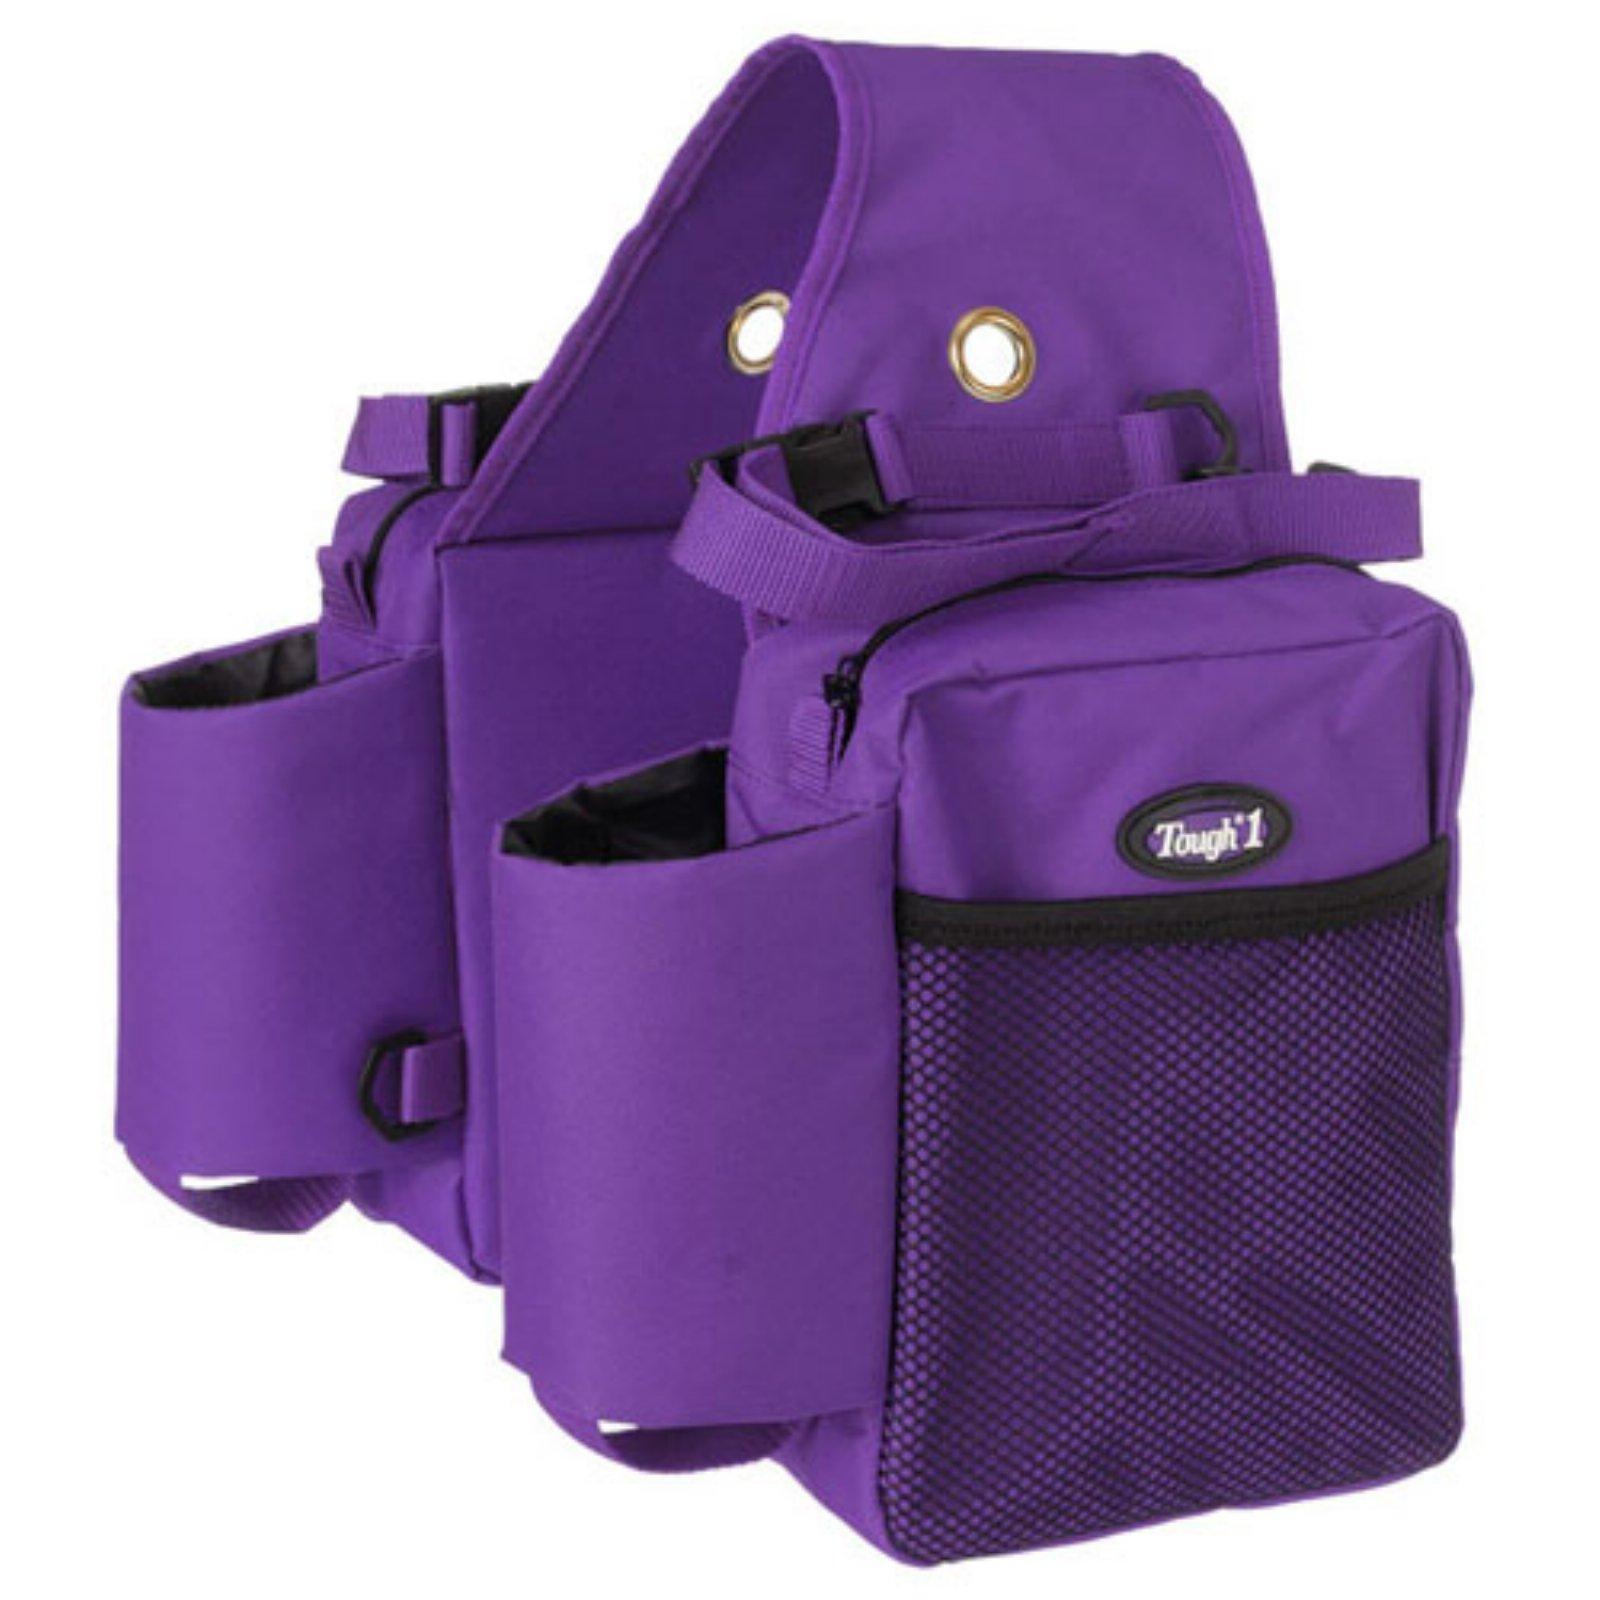 Tough-1 Gear Carrier Saddle Bag